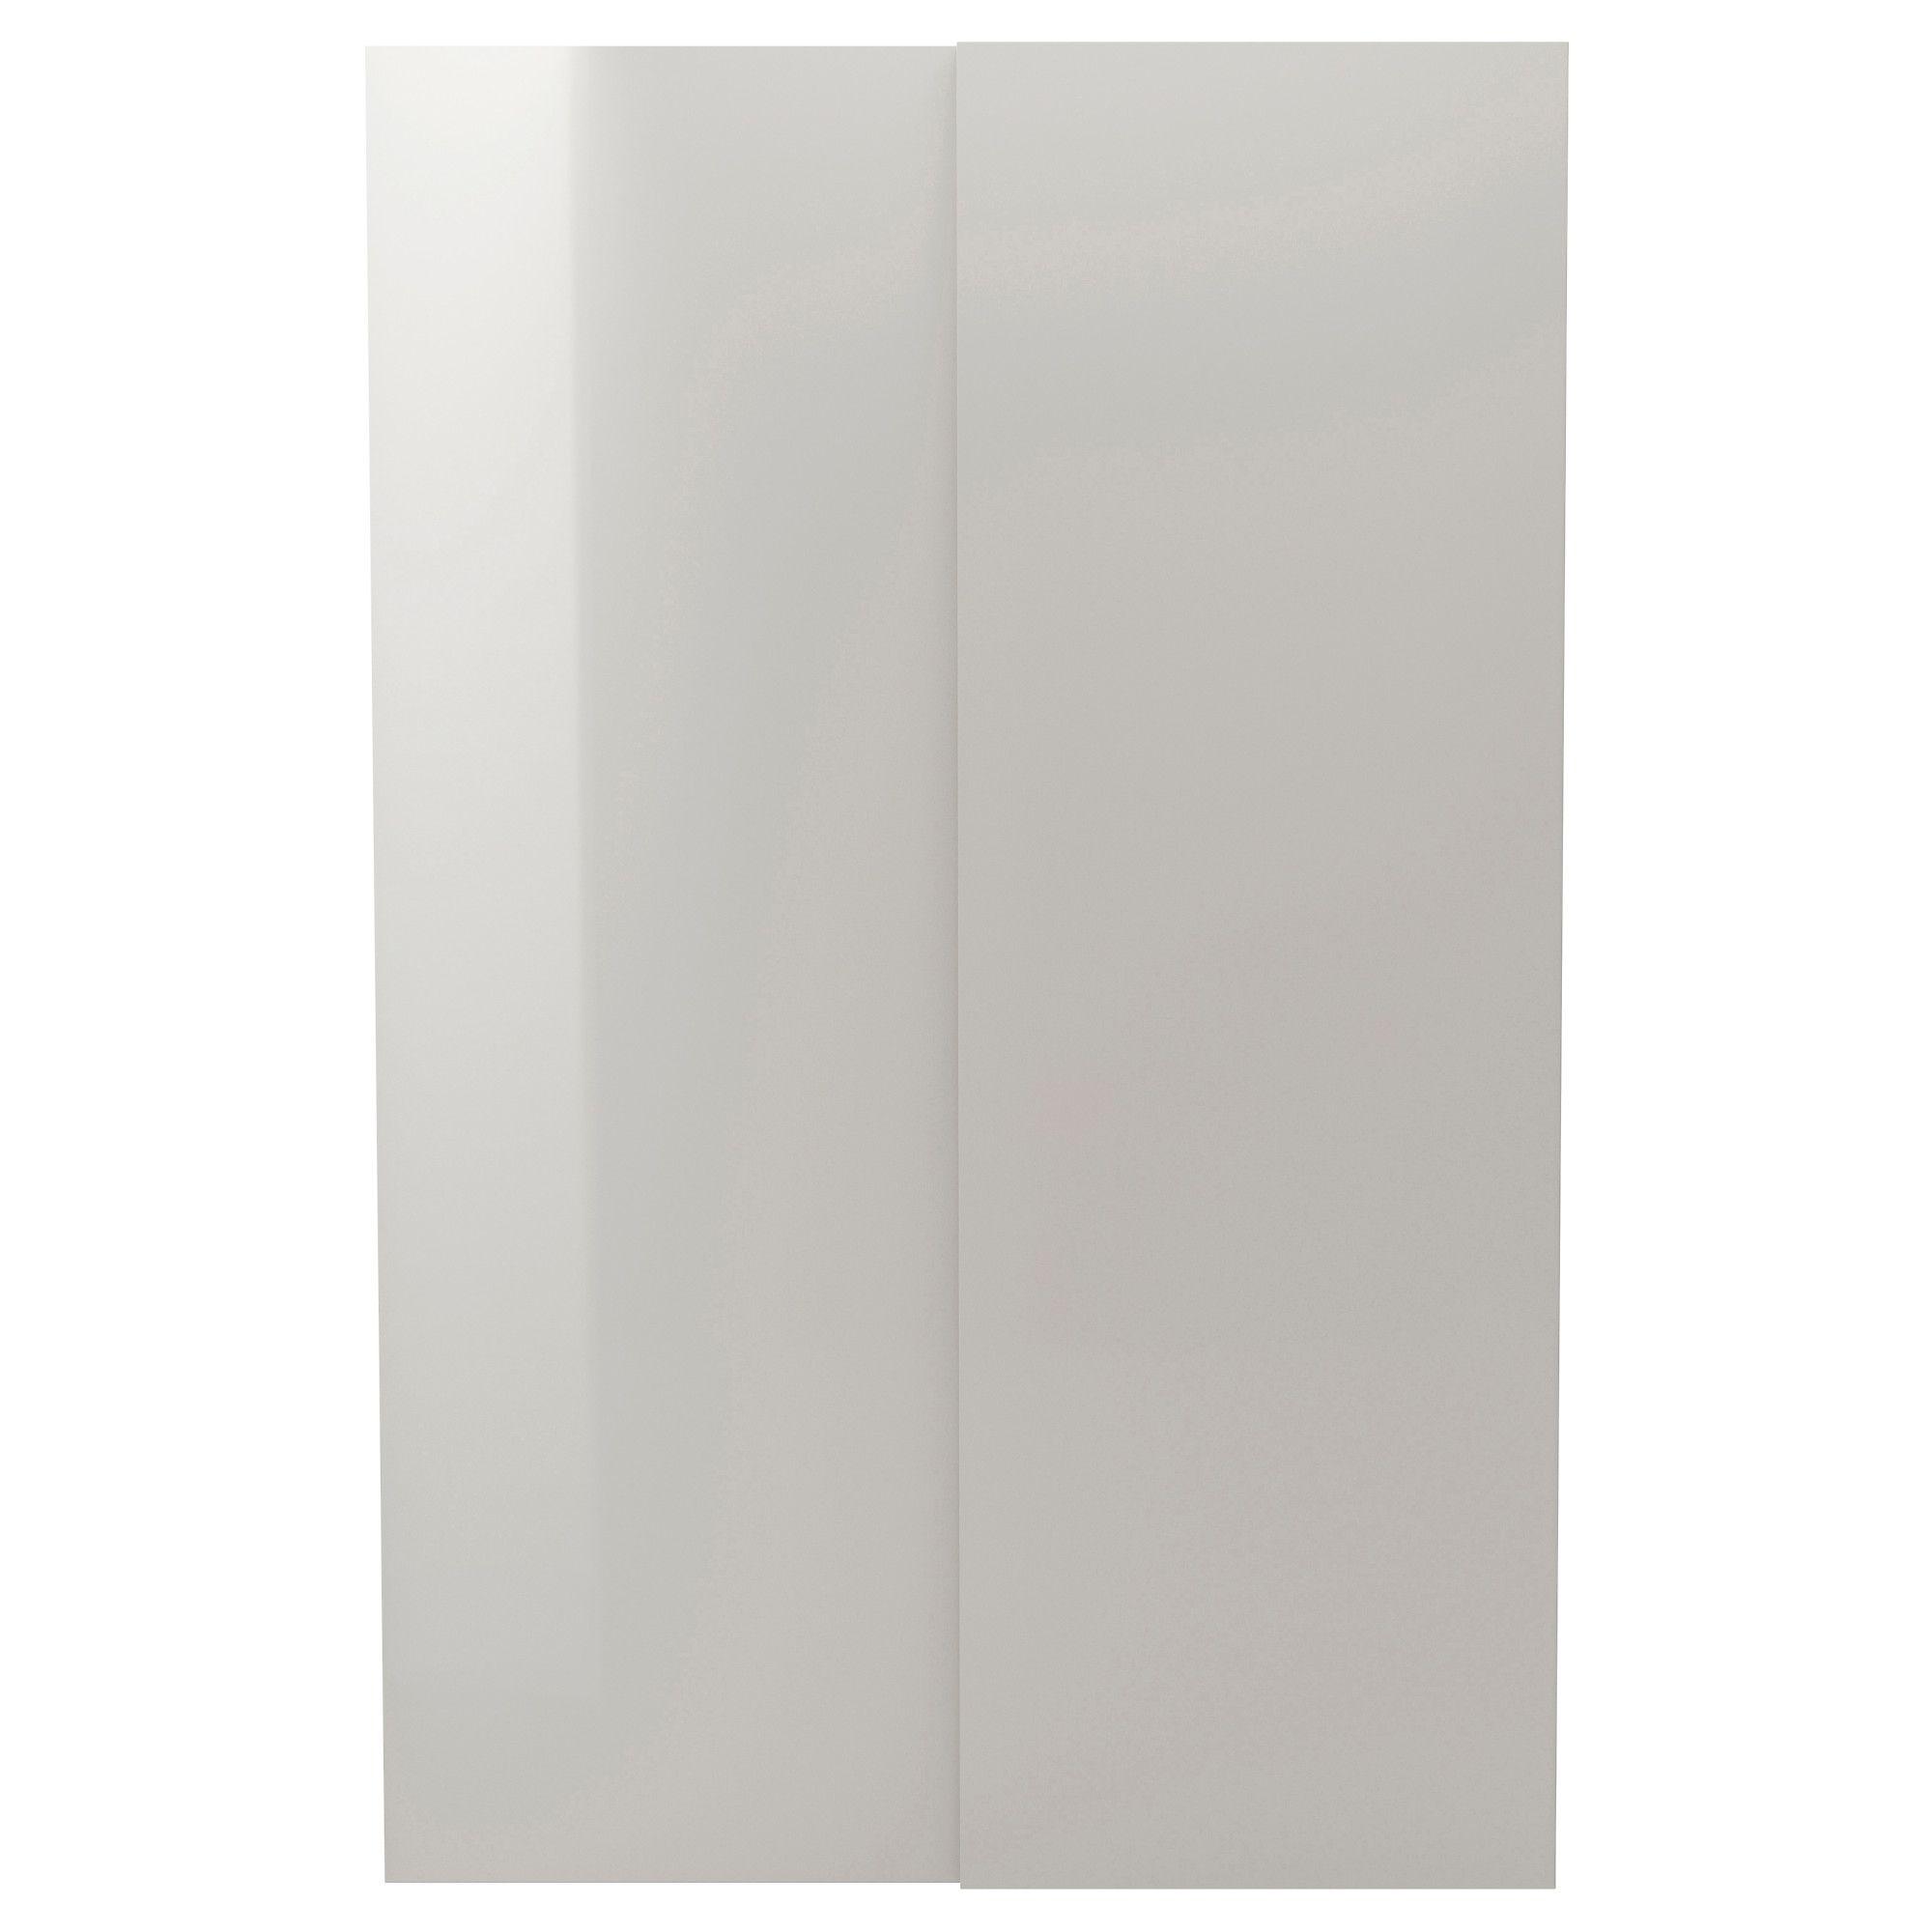 Ikea Assembly Instructions Pax Hasvik Sliding Doors 150